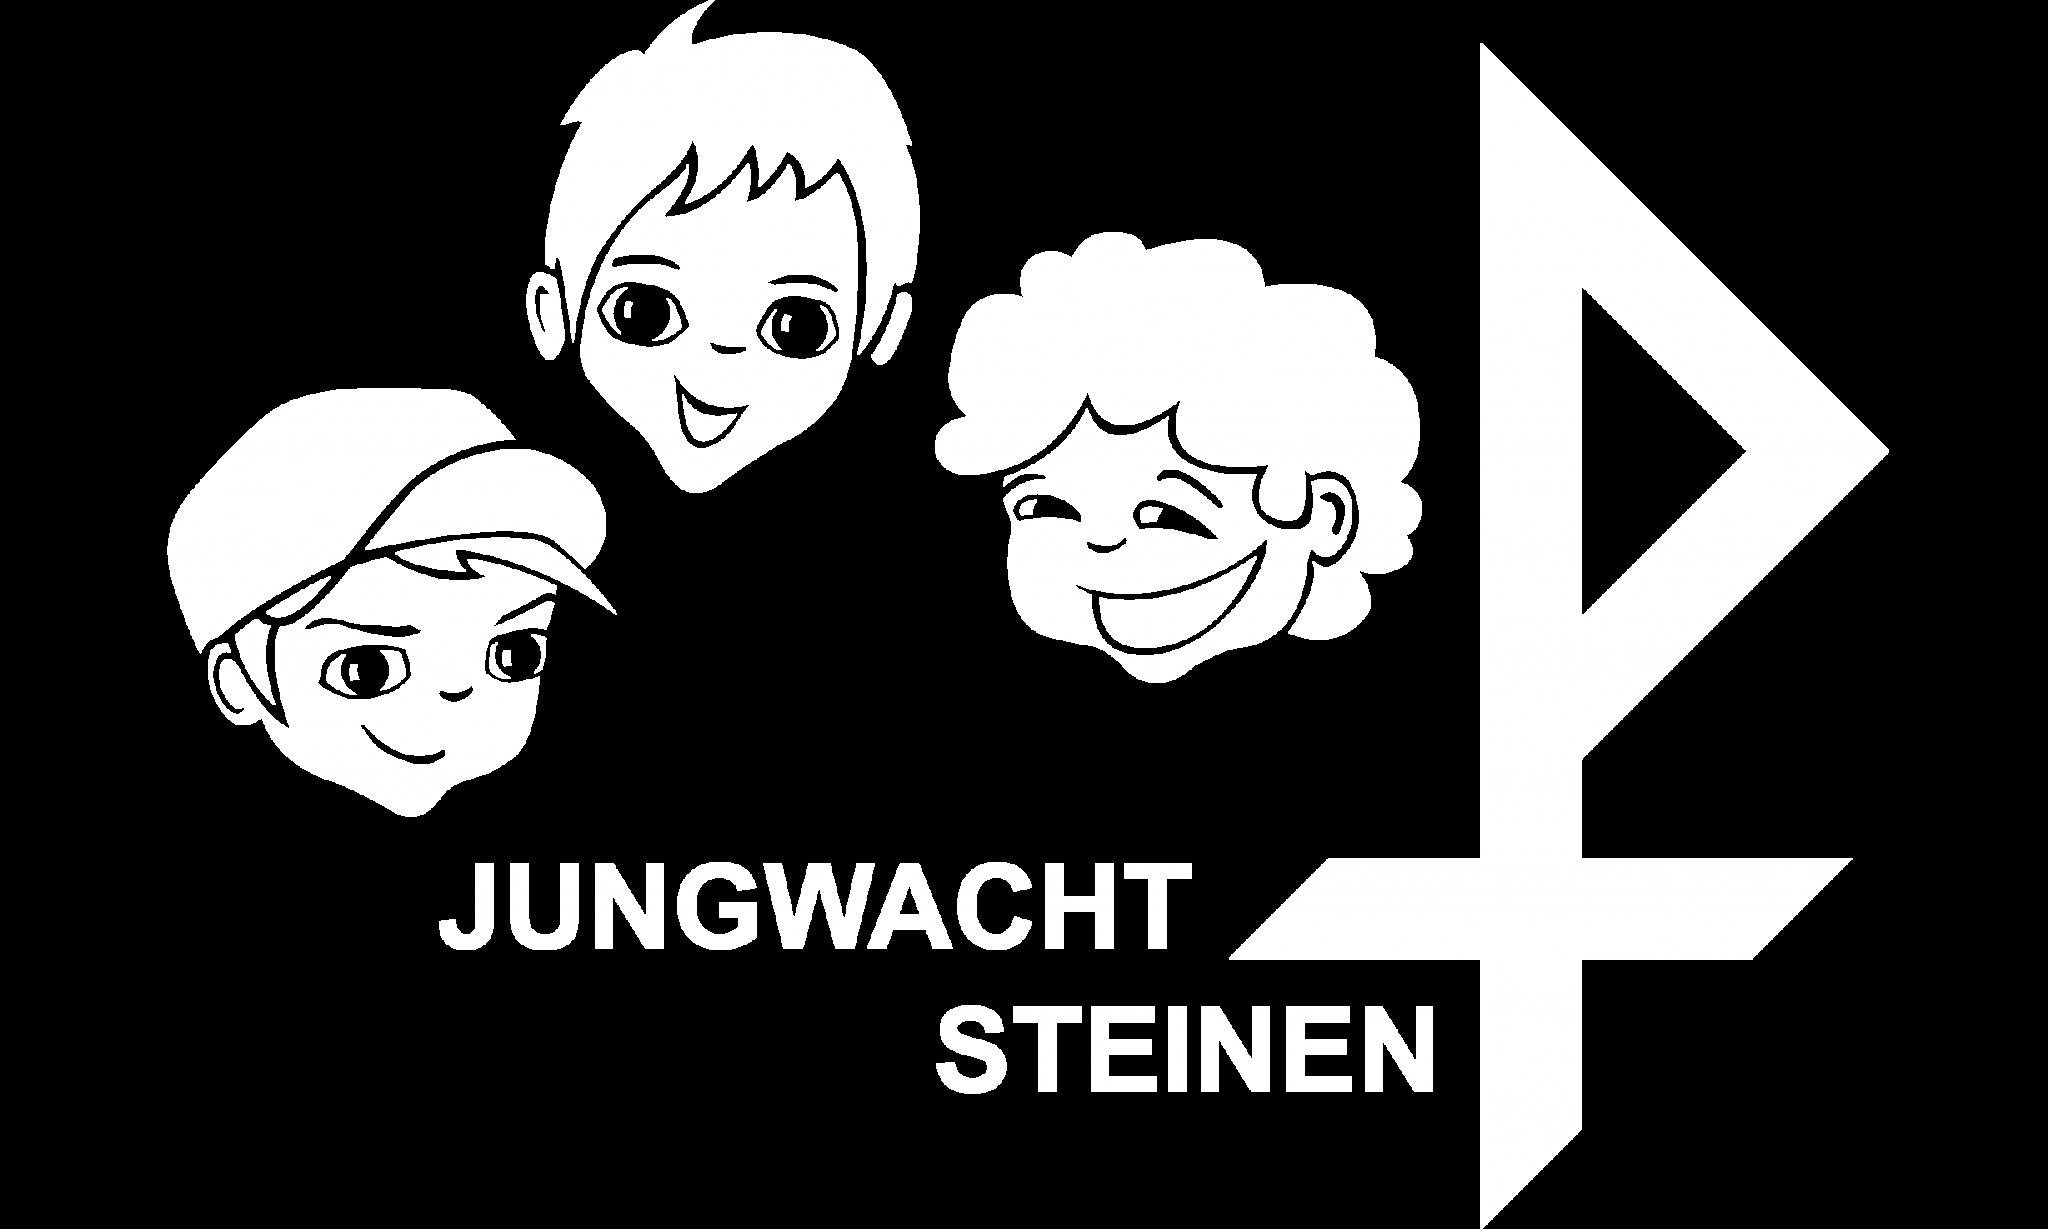 Jungwacht Steinen